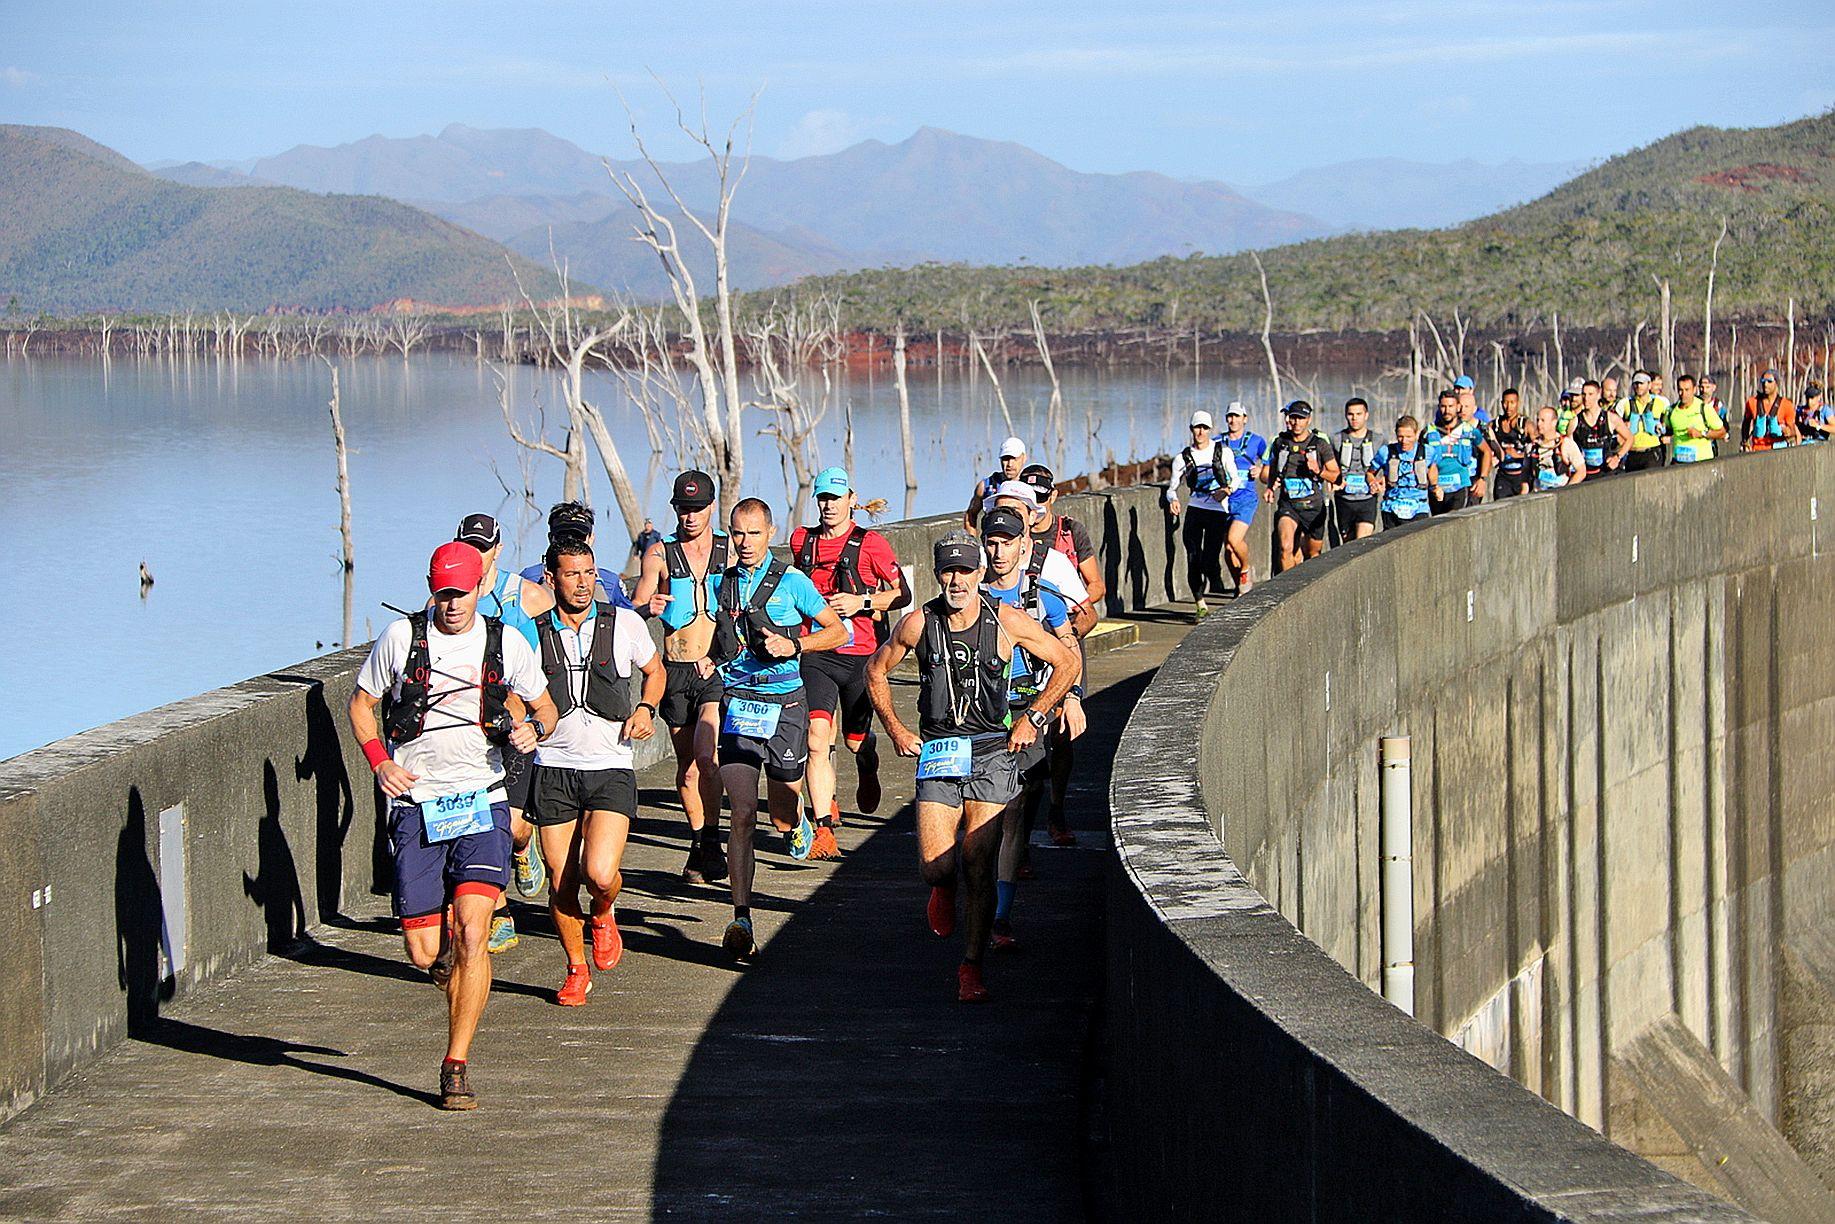 La Free to run aura lieu non loin de Yaté, d'où part la Gigawatt, également organisée par Challenge organisation. Photo archives LNC